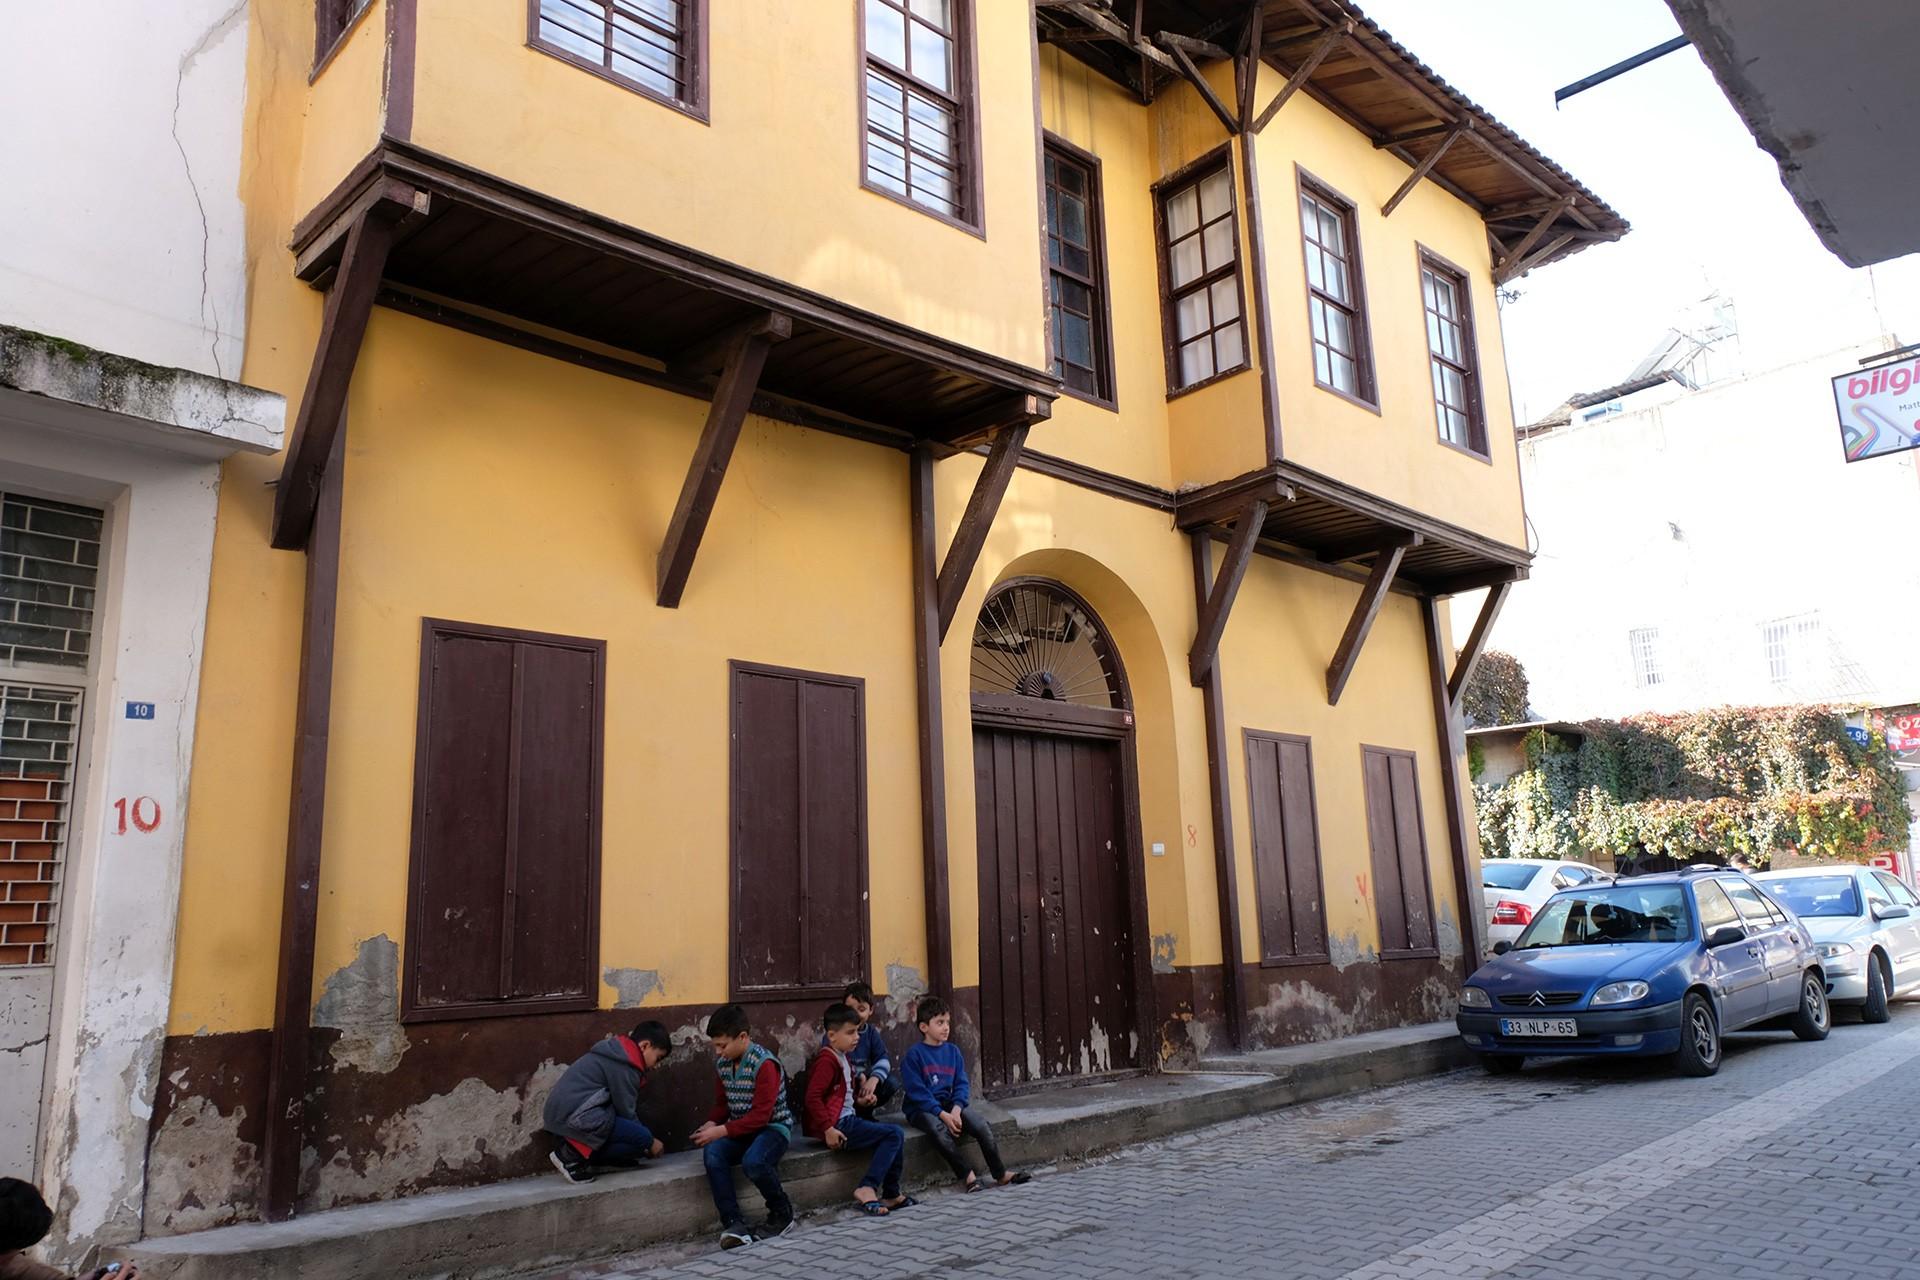 Cumbalı evlerin önünde oyun oynayan çocuklar